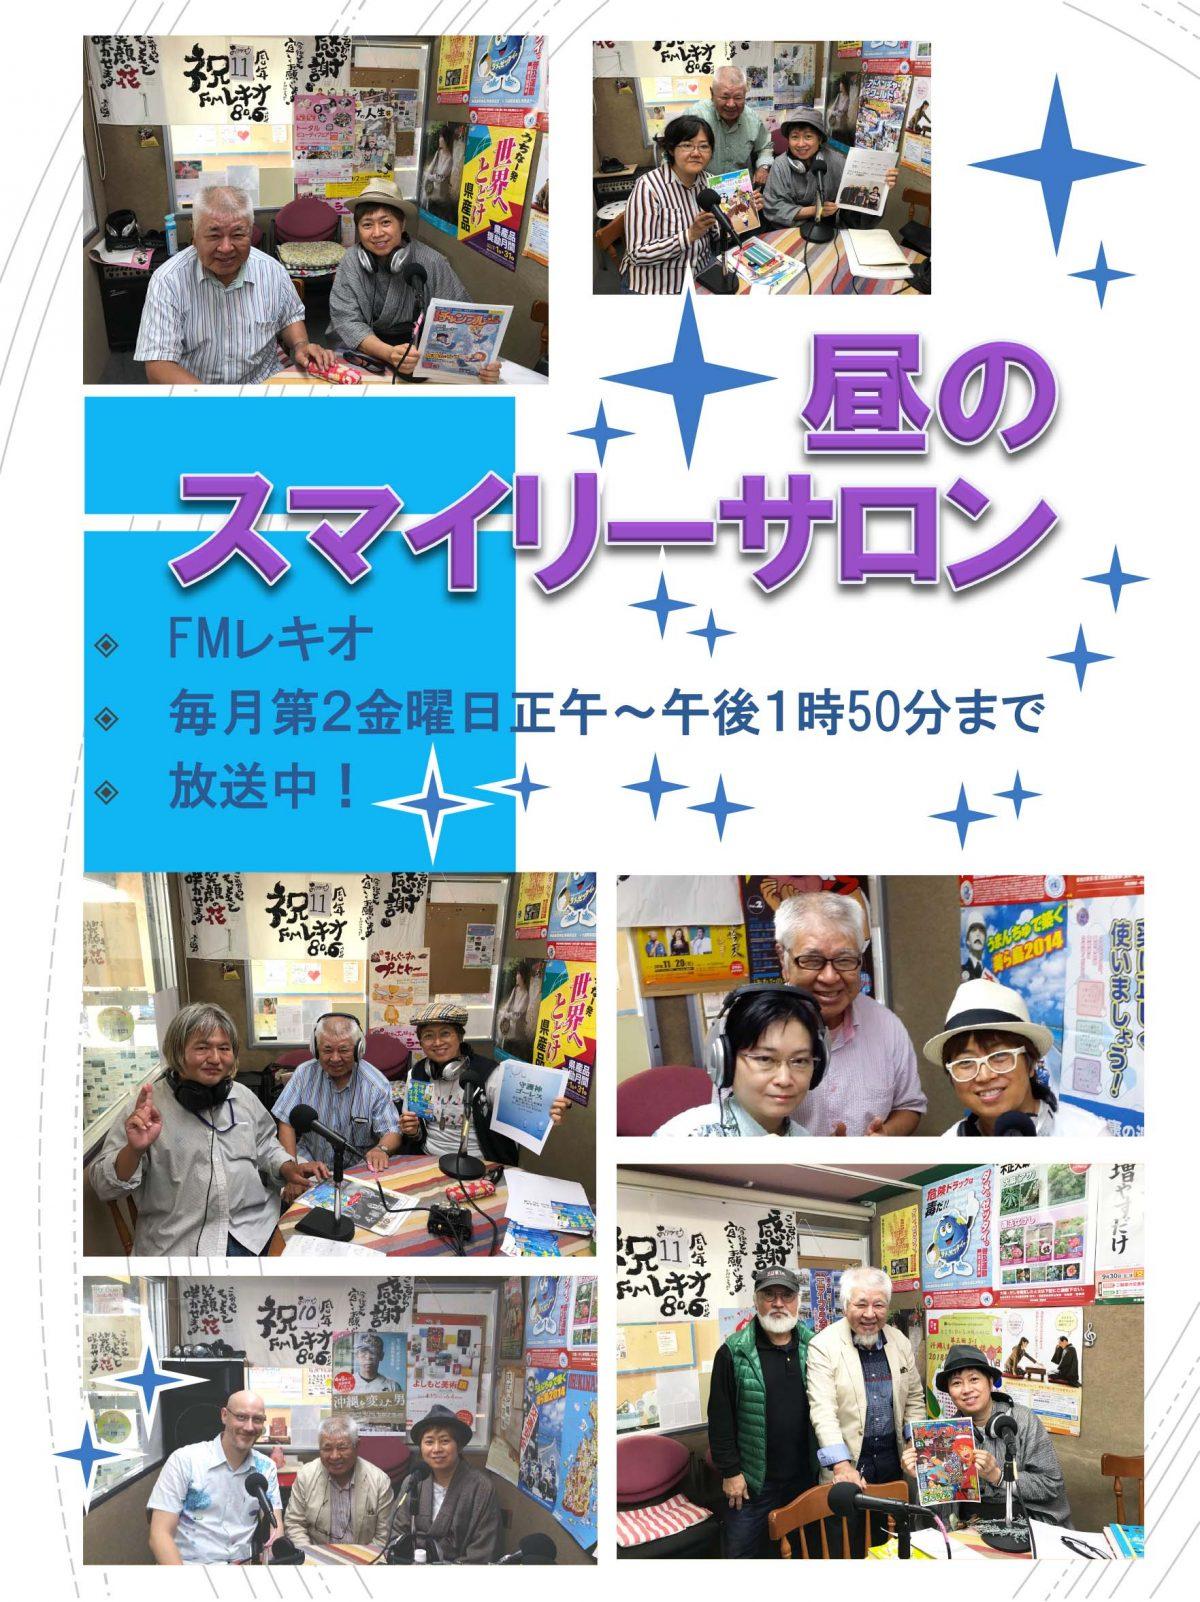 今回は初登場の神野オキナ先生が出ます! 8月10日(金)『昼のスマイリーサロン』